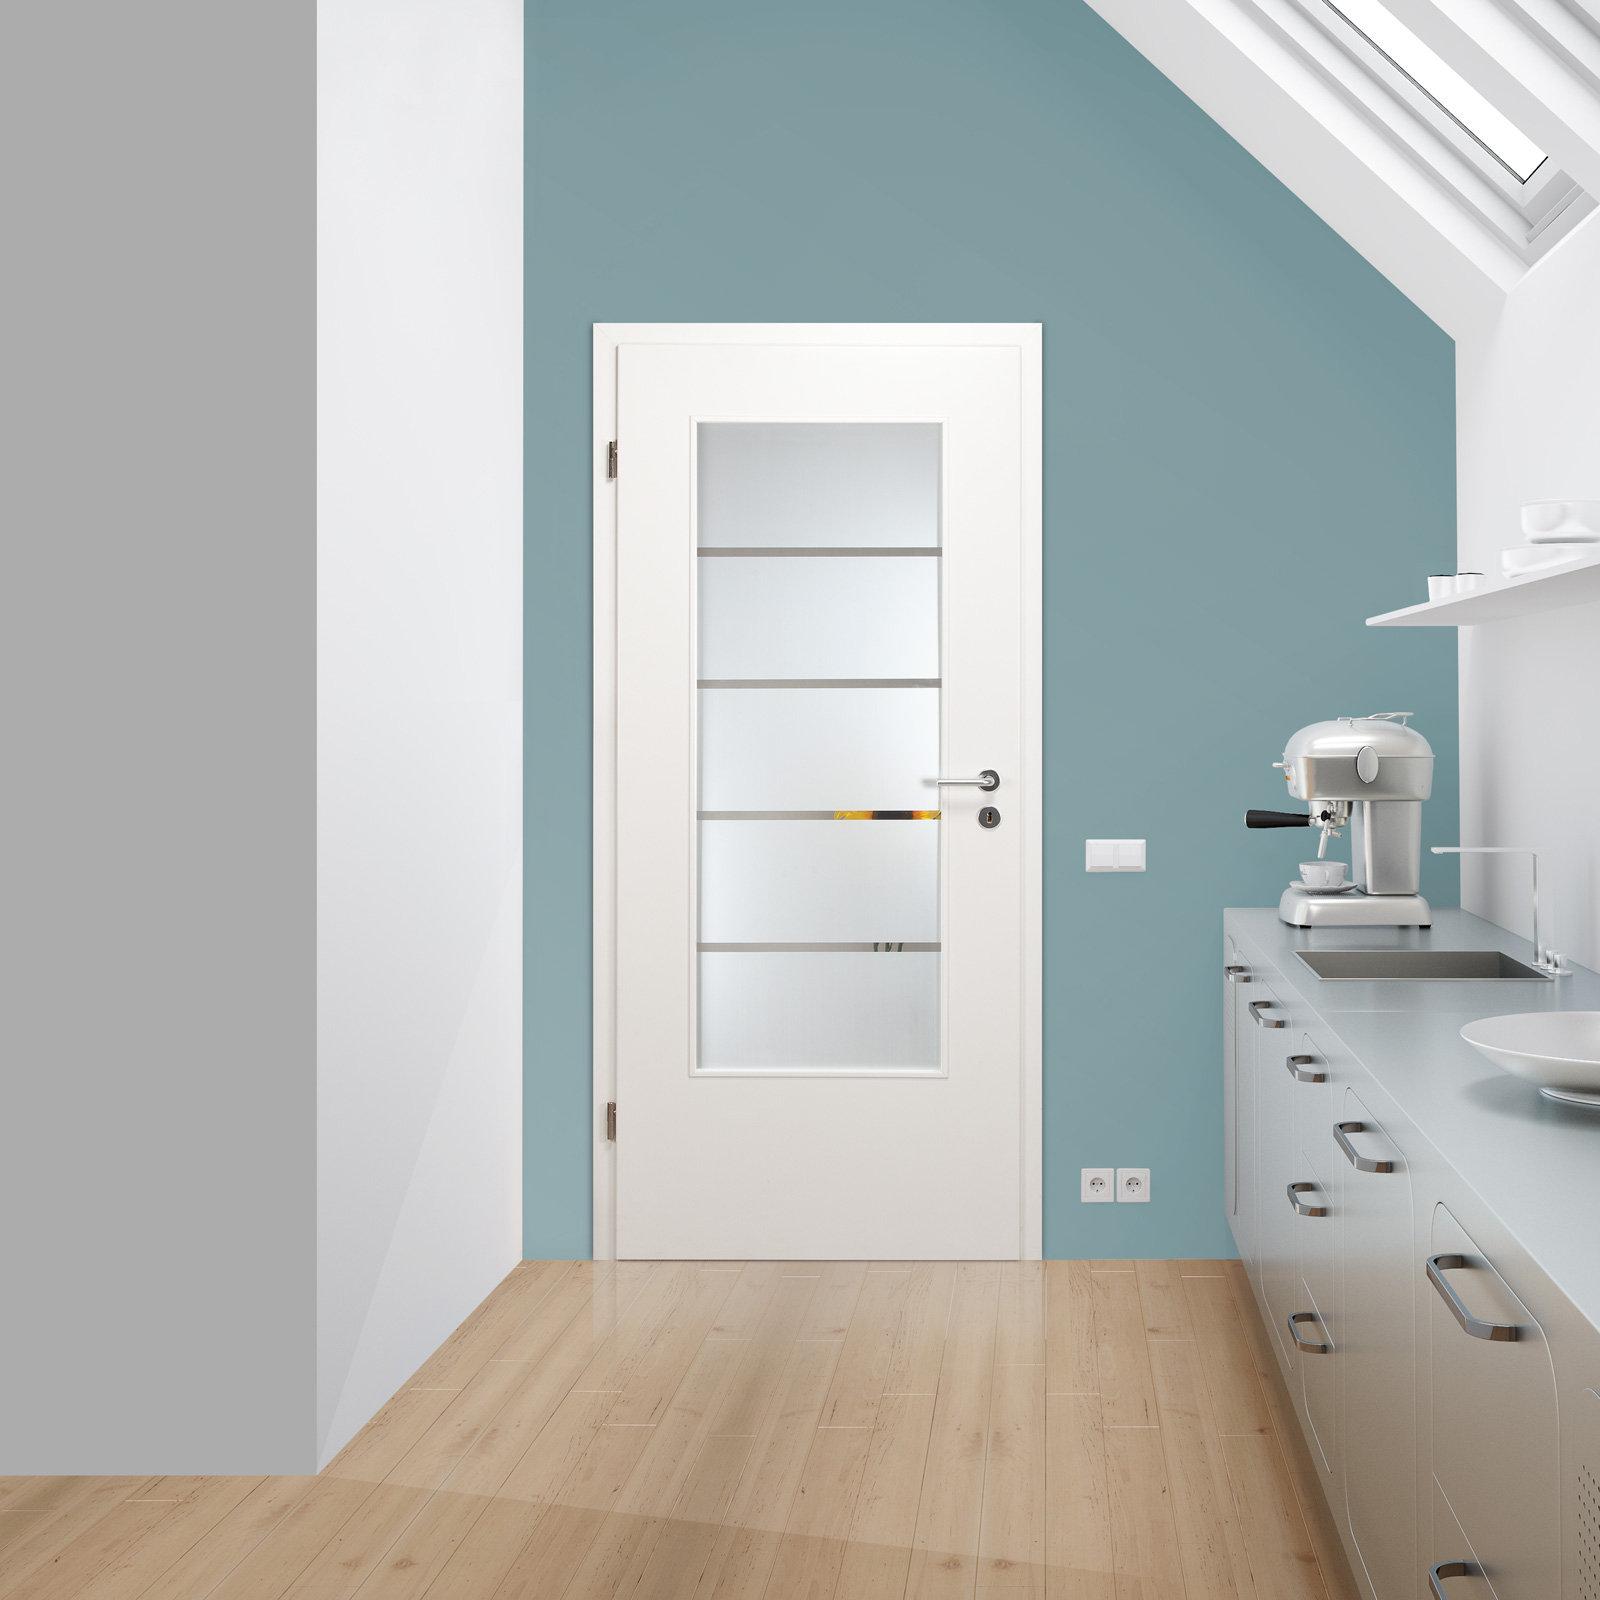 verglasung glaseinsatz f r holzt r 125 1 f la klarglas mit dekor streifen ebay. Black Bedroom Furniture Sets. Home Design Ideas